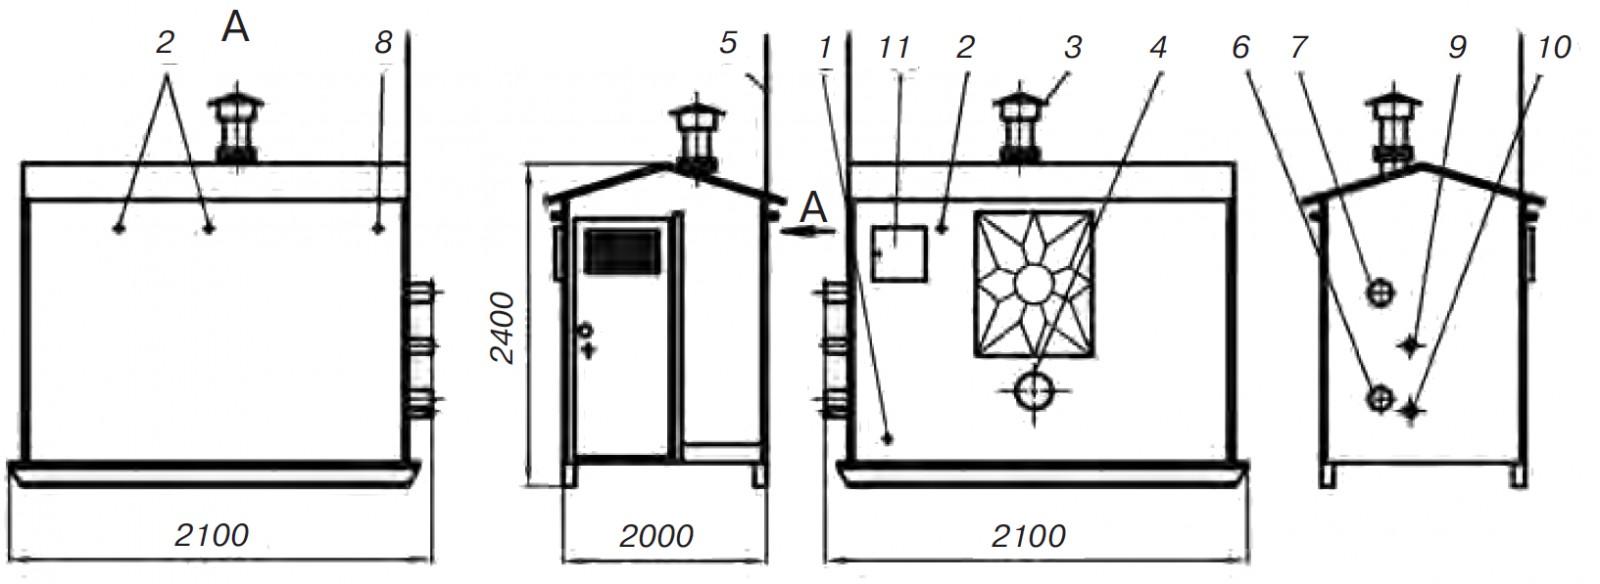 схема грпш-03м-у1